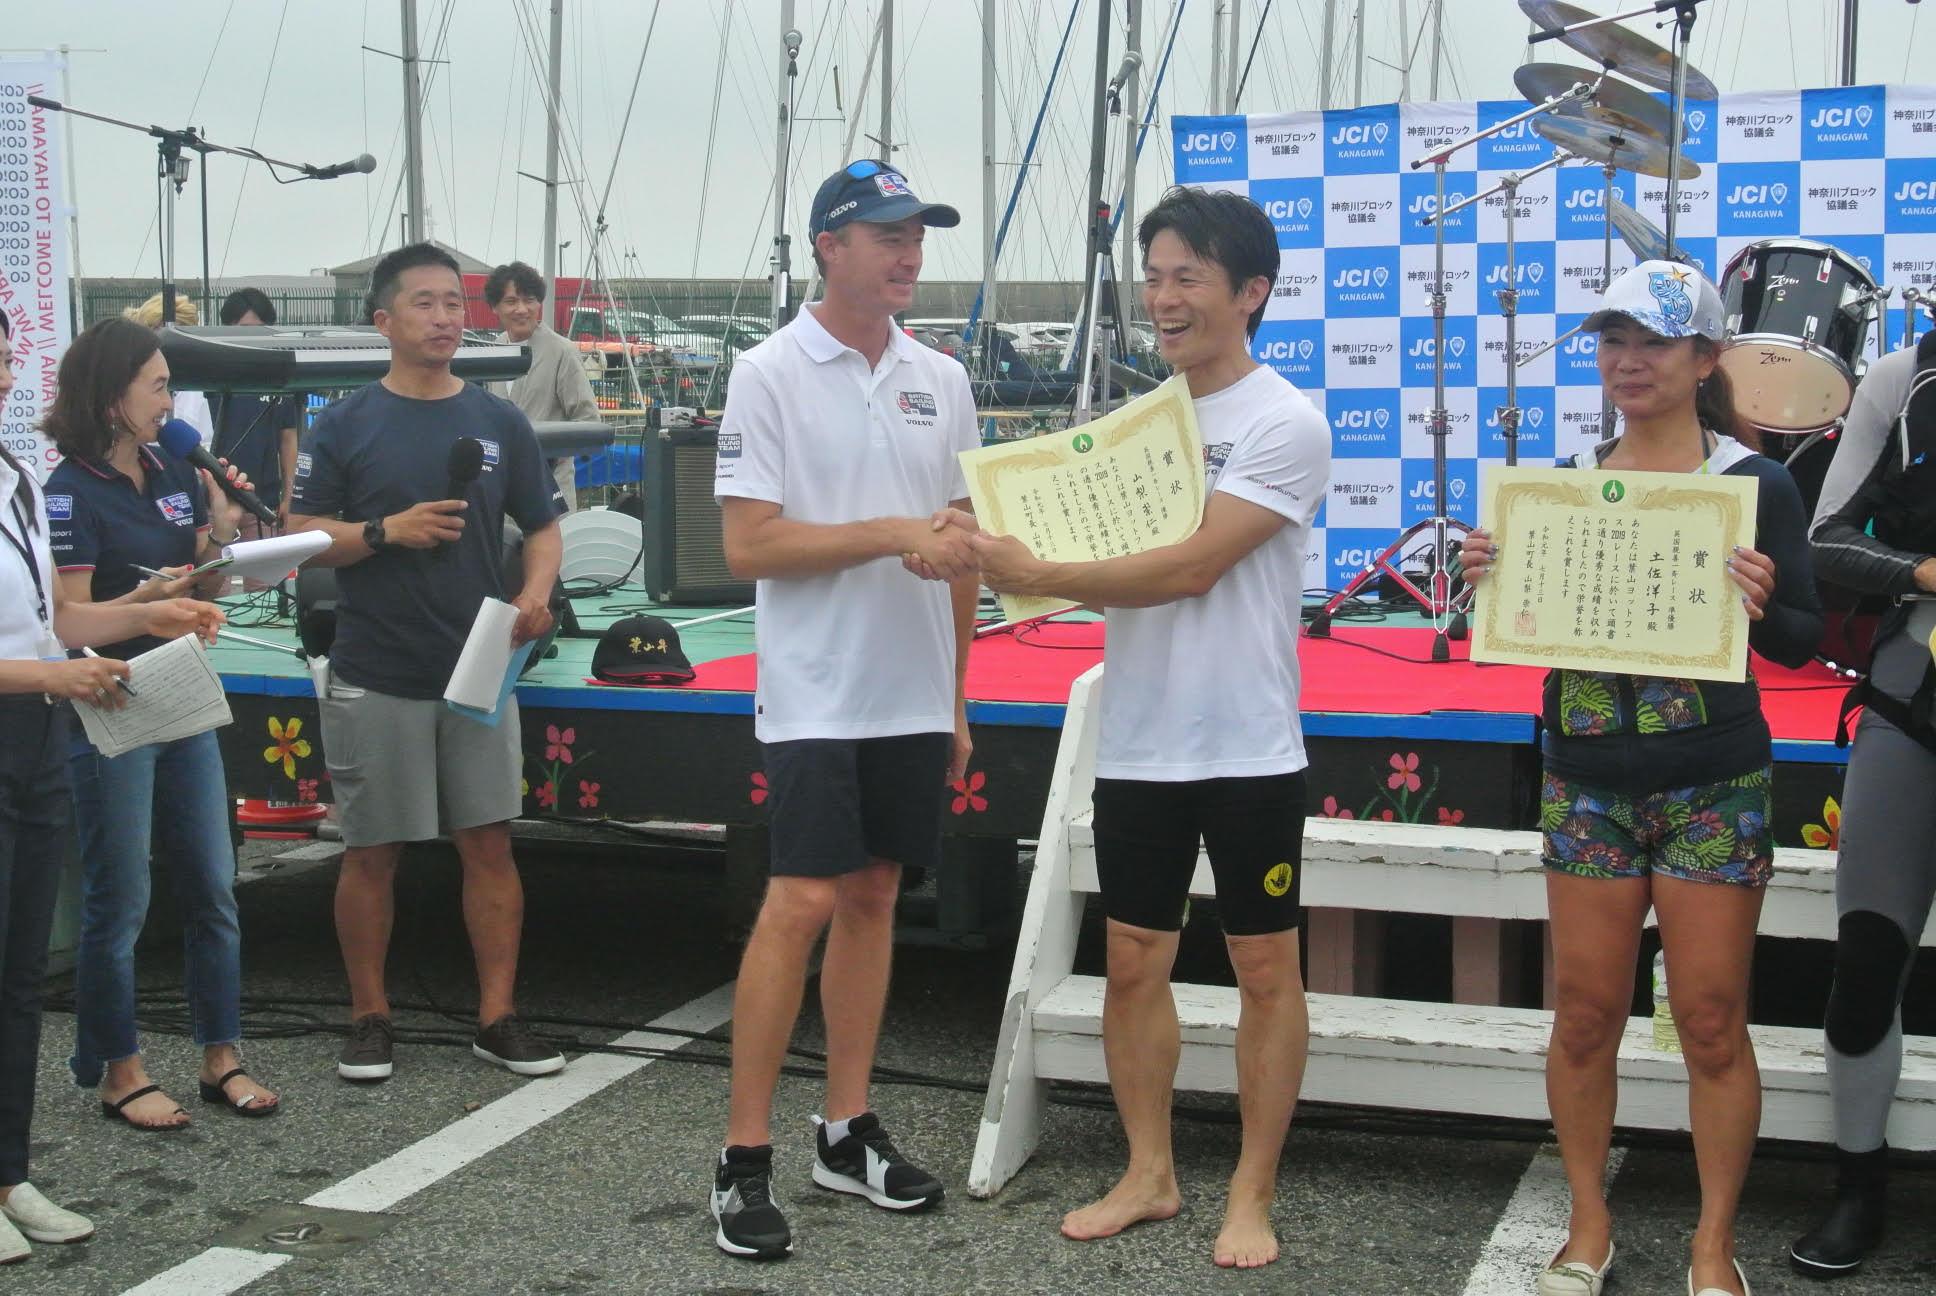 ヨットレース表彰式。市長が優勝し、手を上げて表彰状を掲げている。